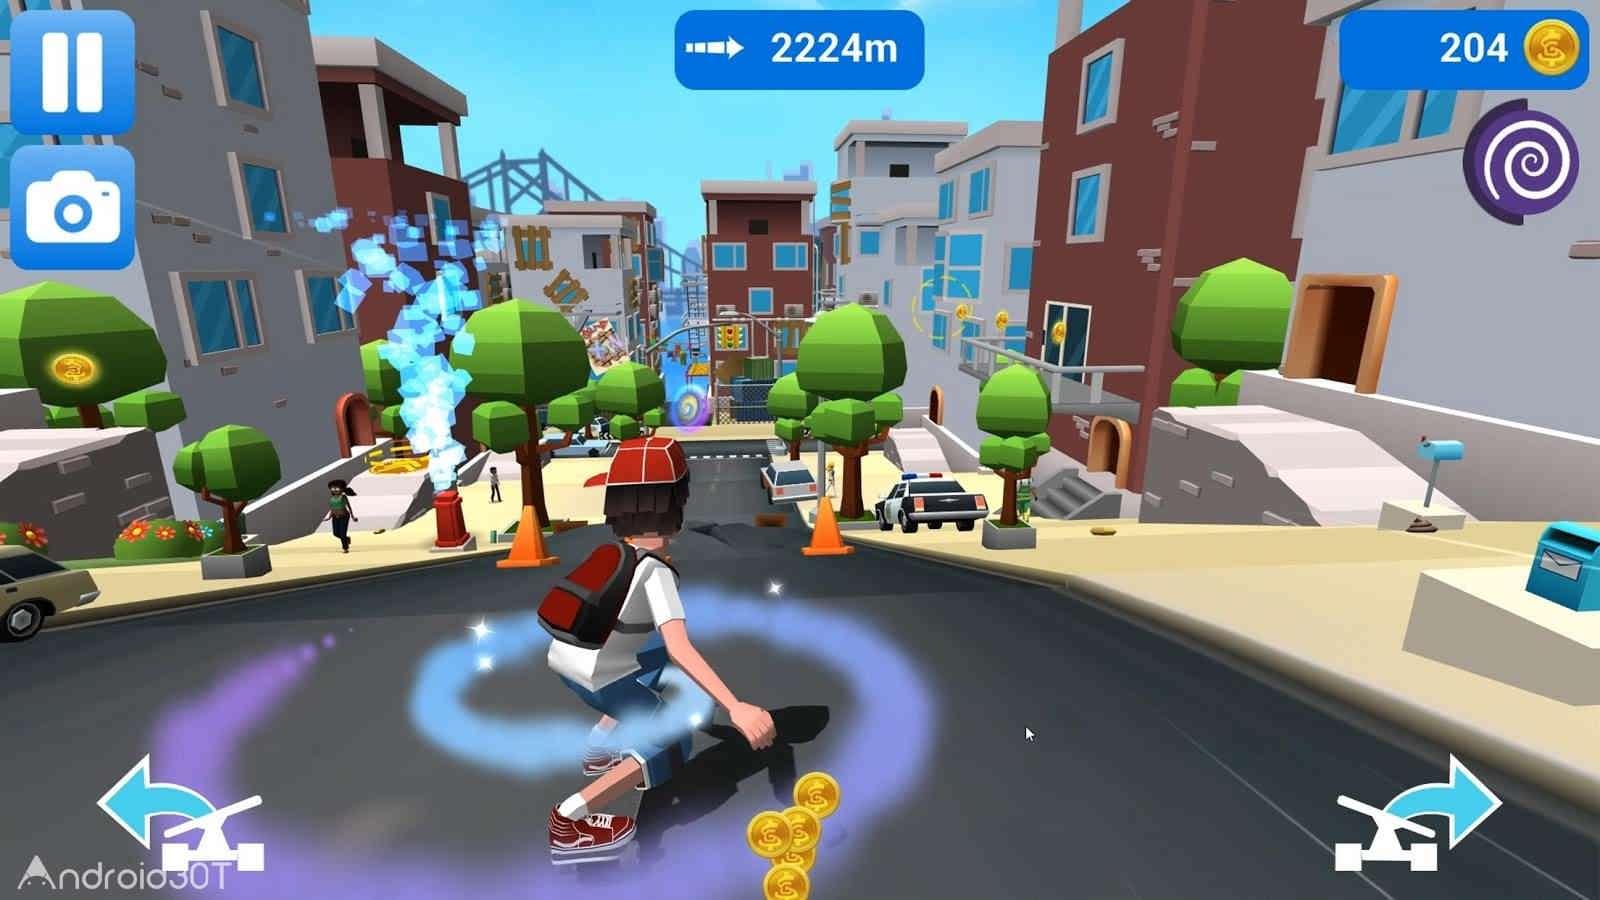 دانلود Faily Skater3.2 – بازی مهیج اسکیت سواری فیلی اندروید